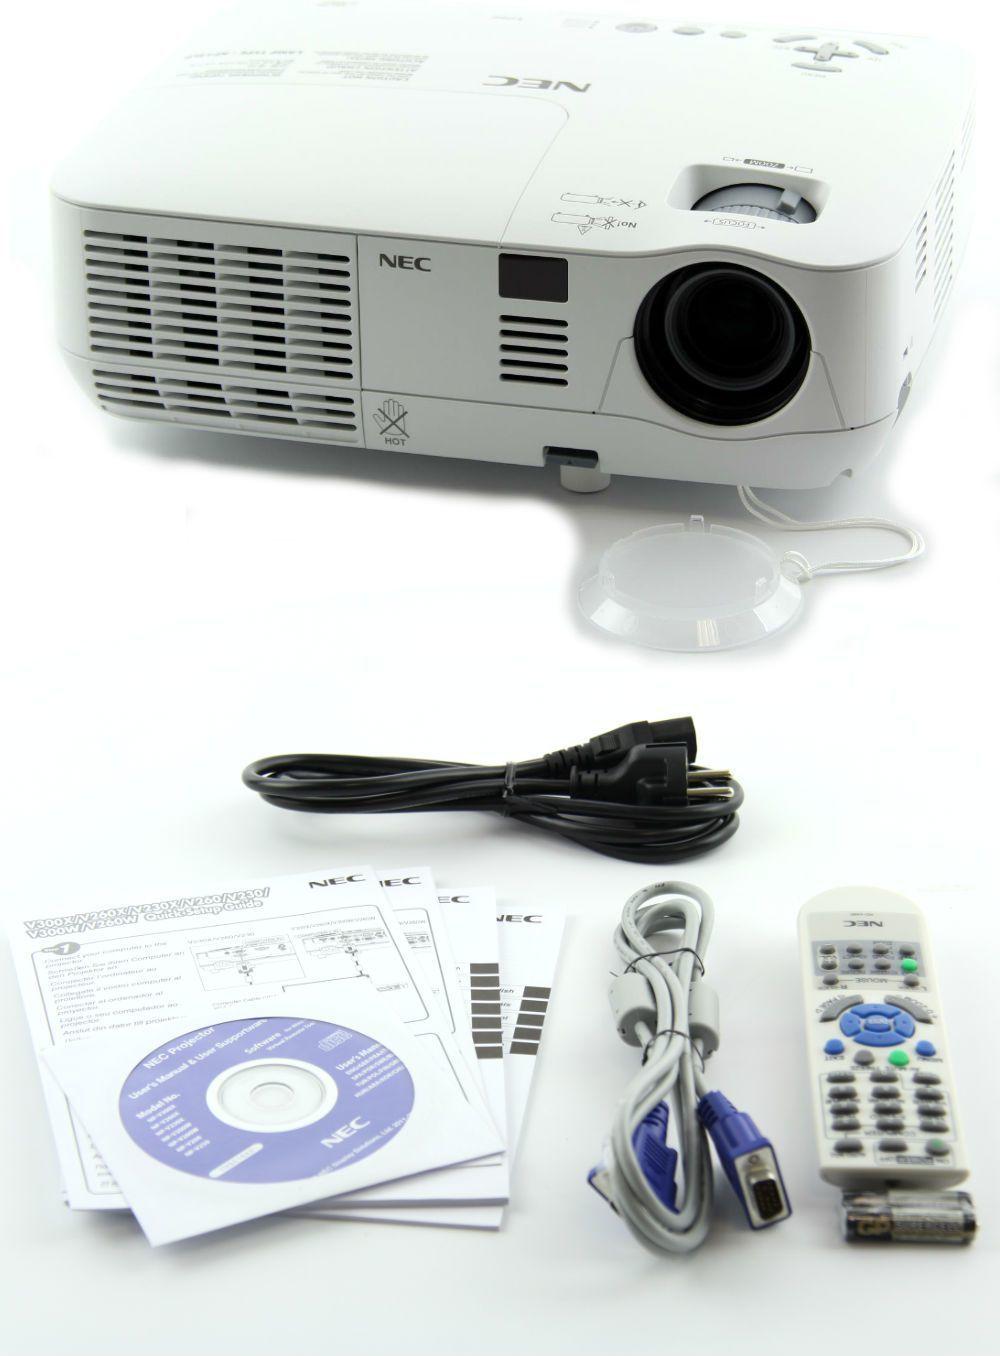 Projektor NEC lampowy 800 x 600px 2600lm DLP  1